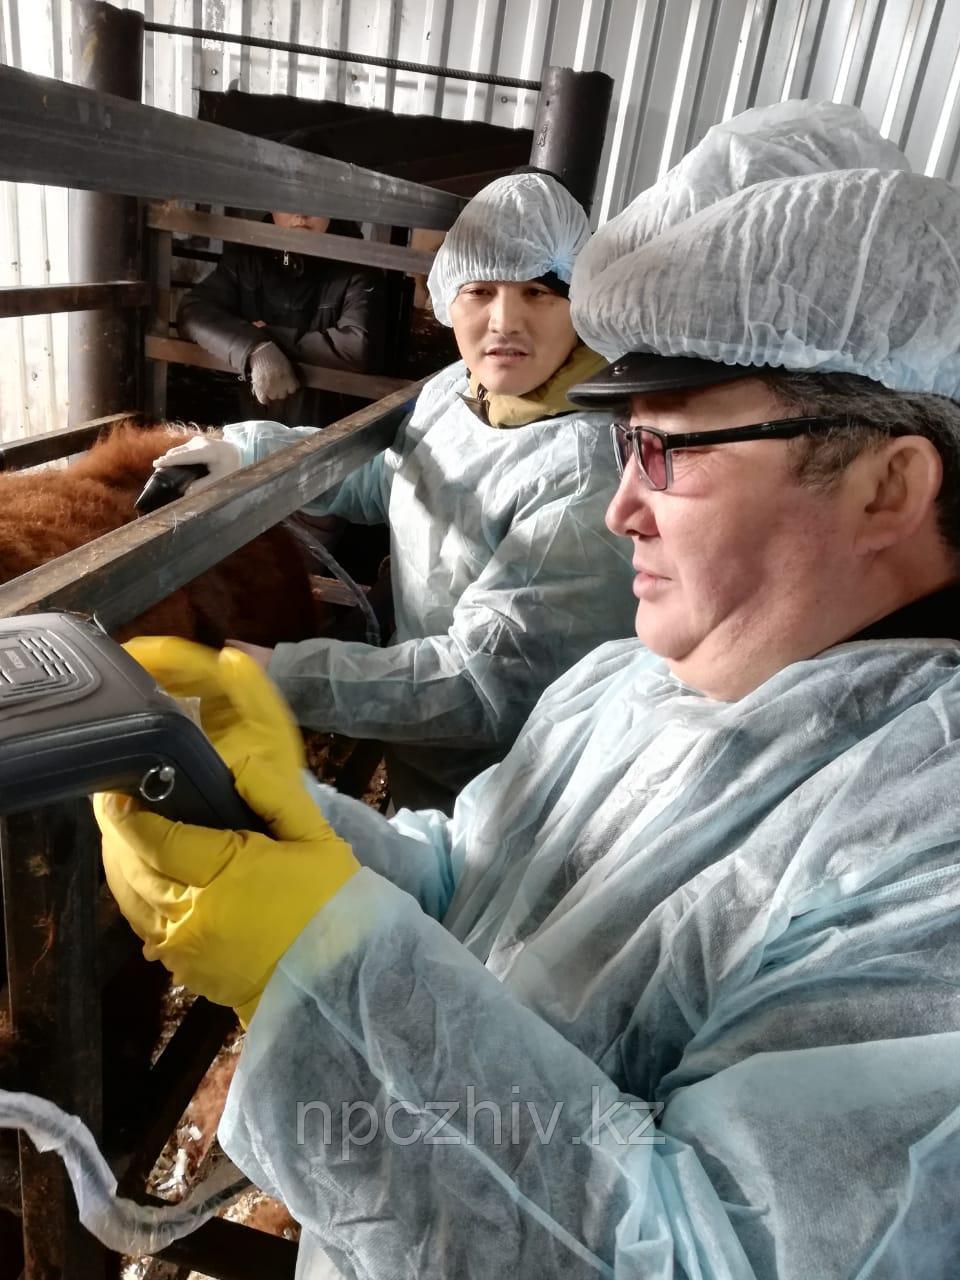 УЗИ-сканирование прижизненных мясных качеств